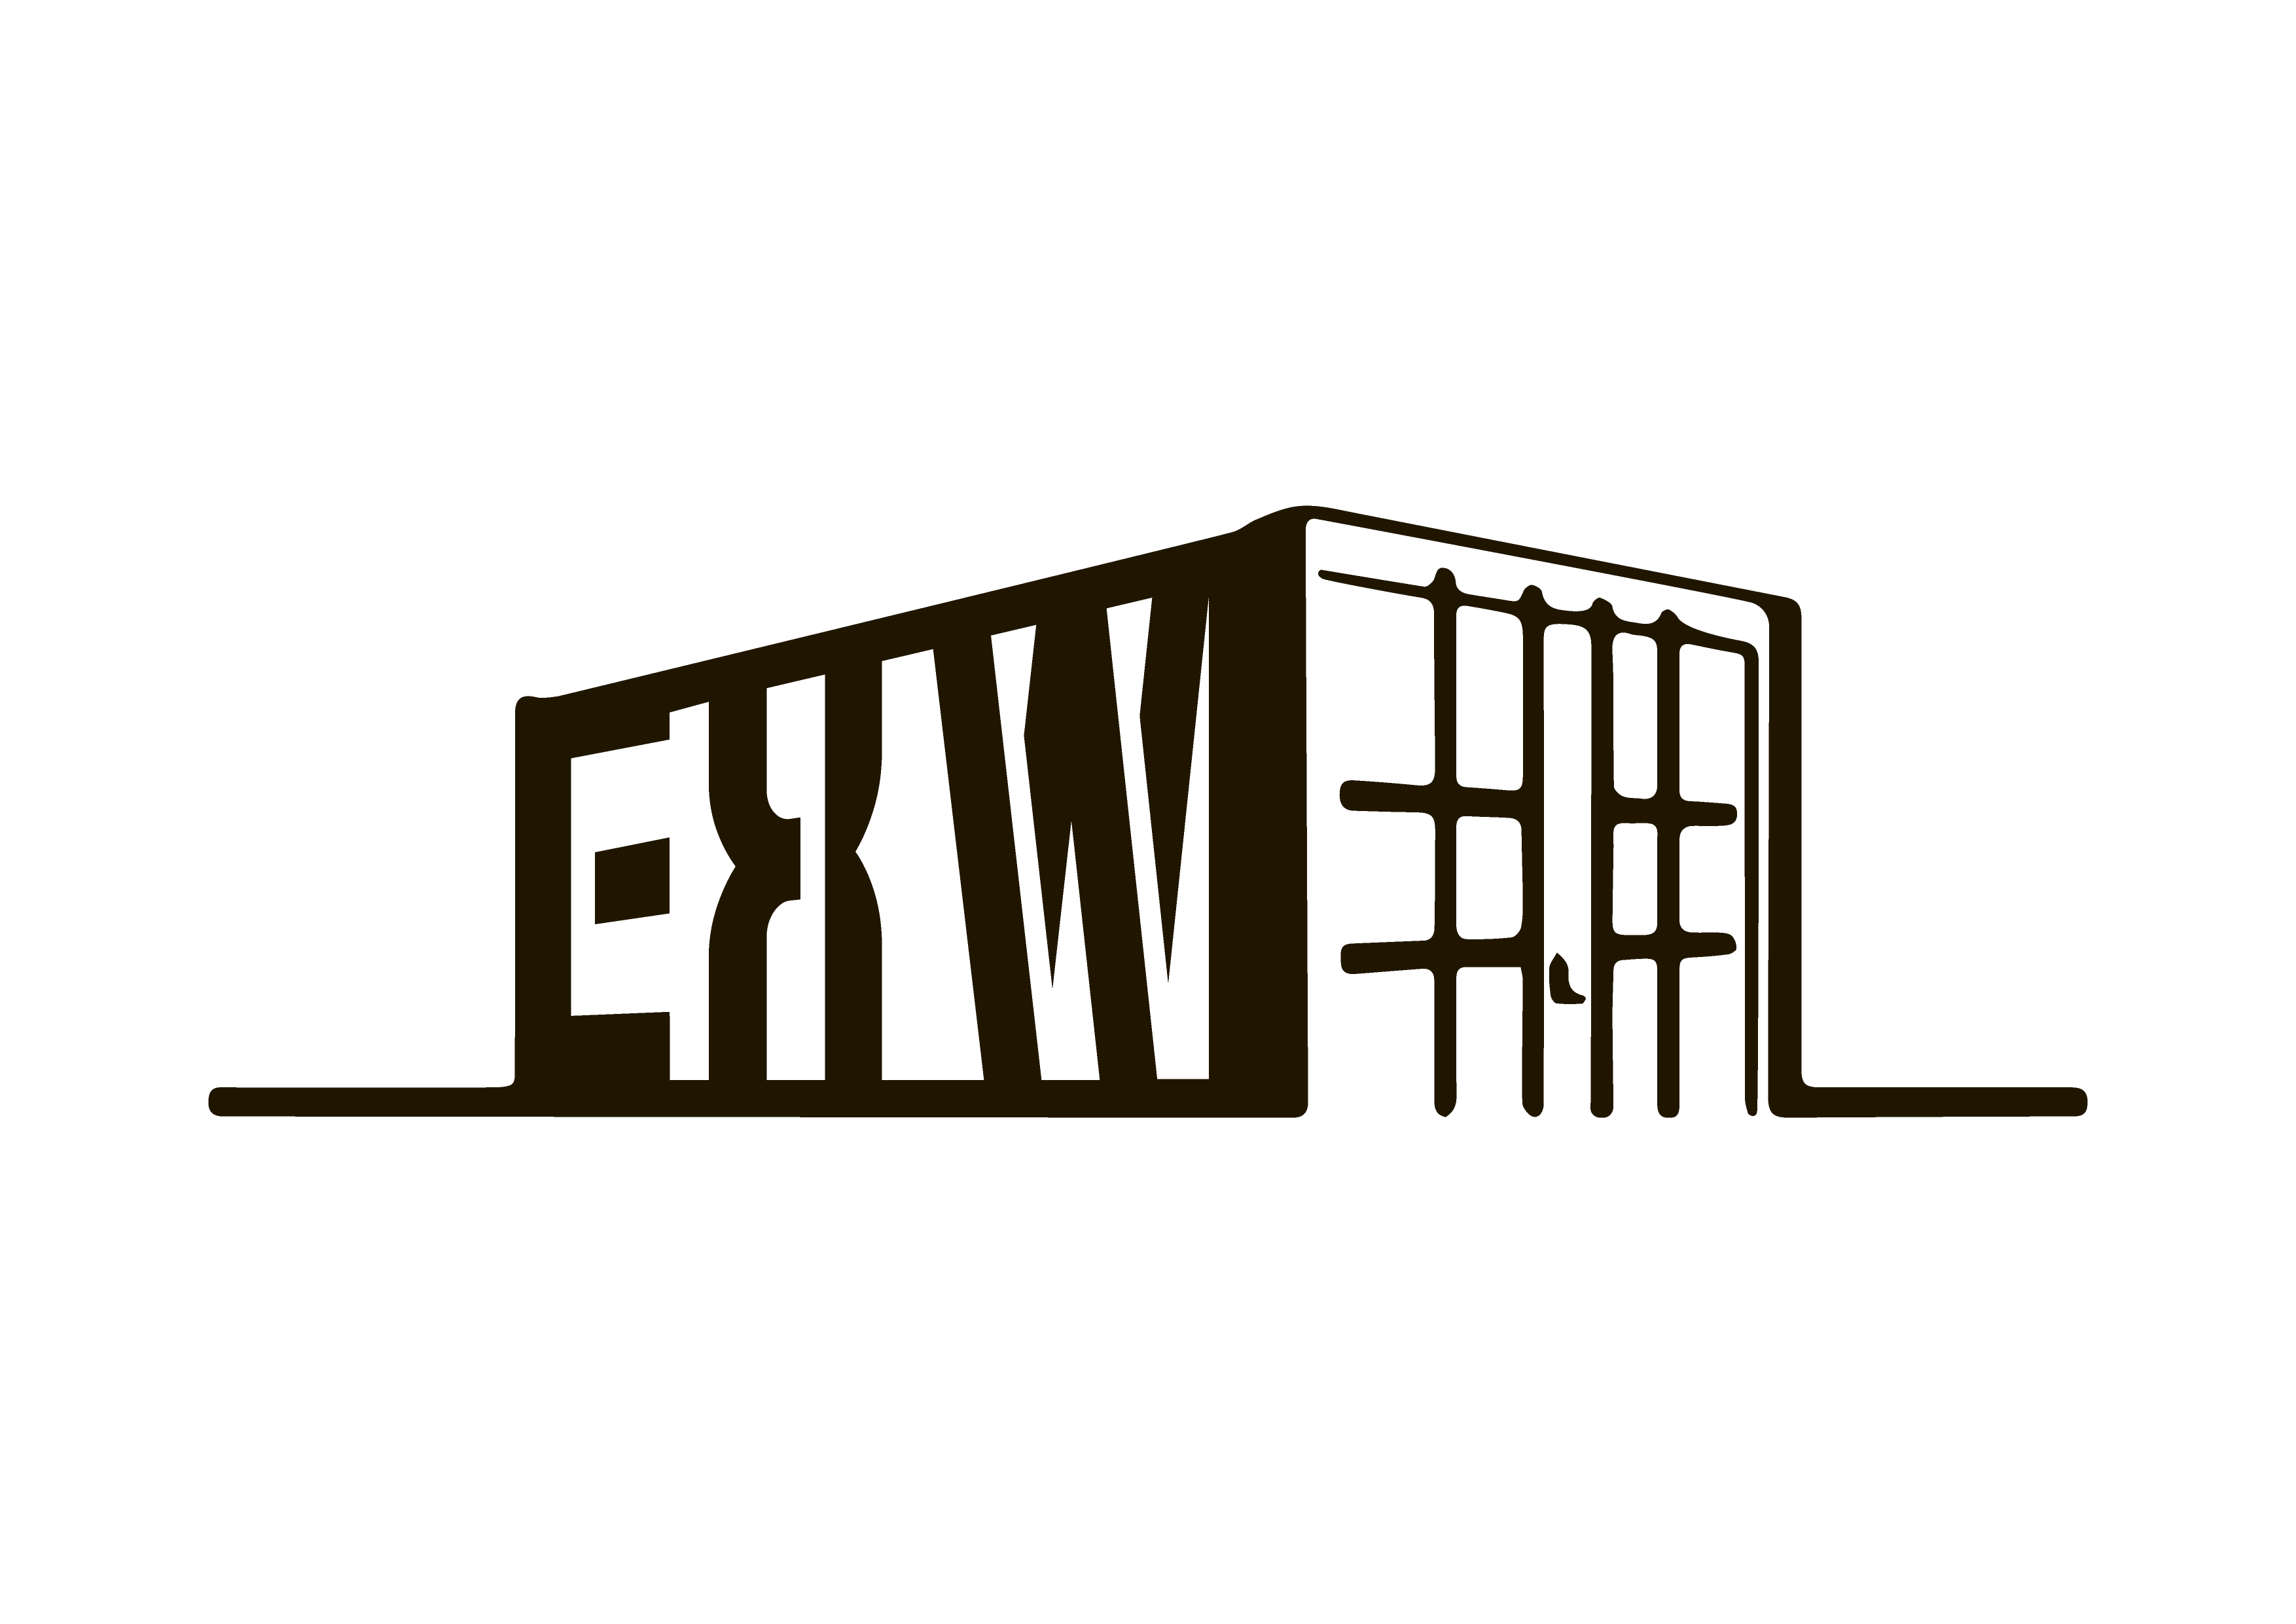 exw logo 2.png